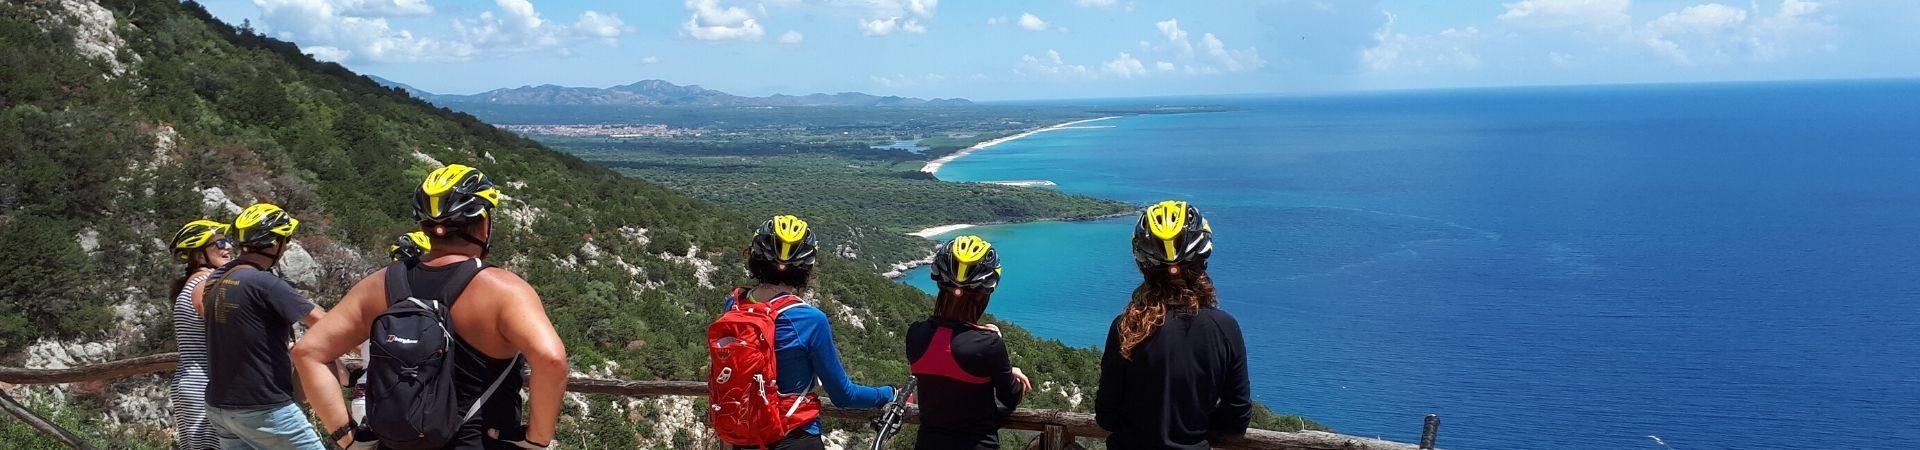 e-bike-tour-a-dorgali-active-holiday-sardinia